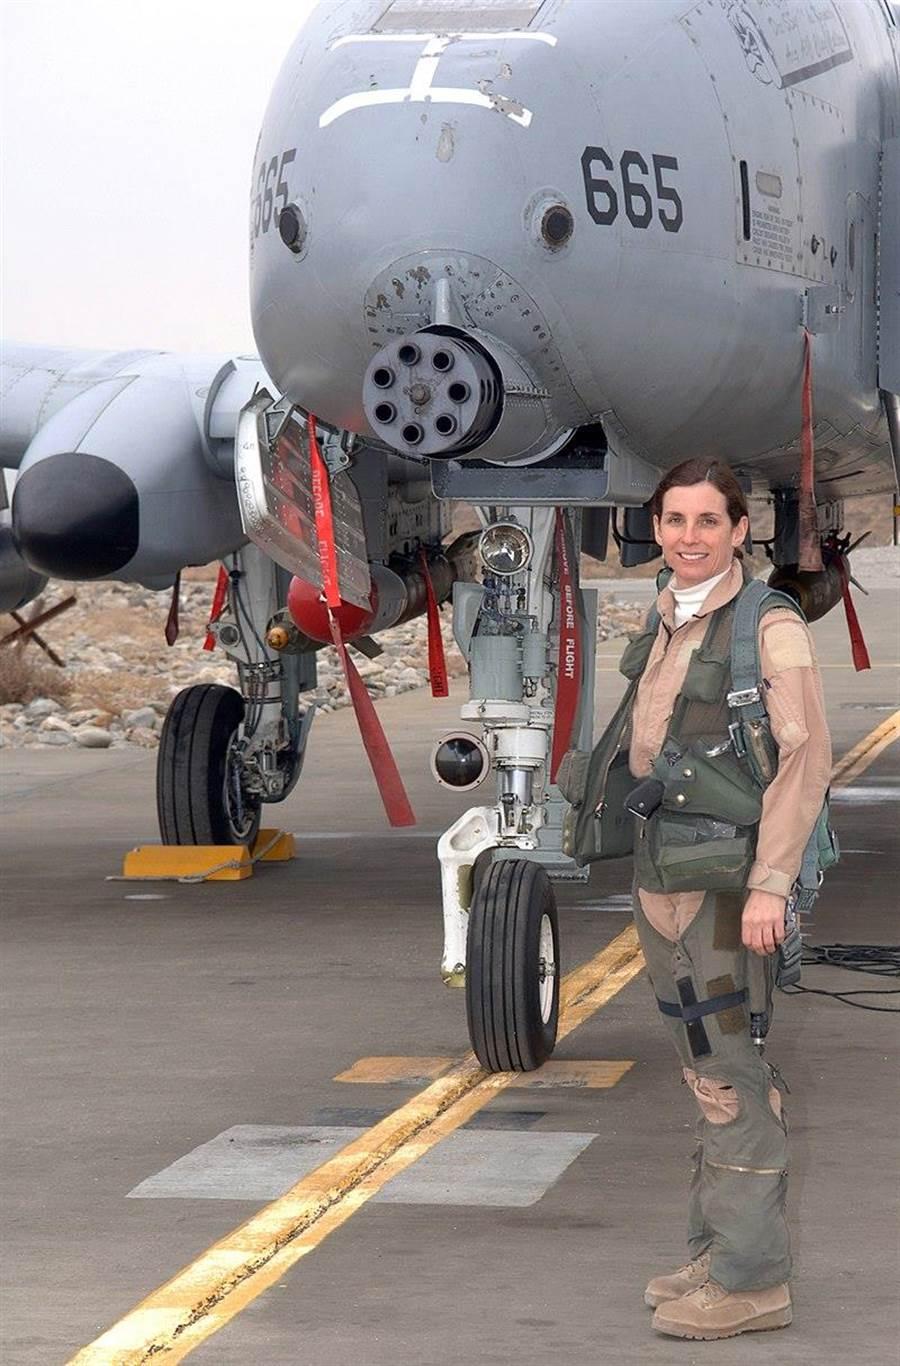 美國國會議員瑪莎麥克薩利曾經是A-10飛行員,在1993年的伊拉克禁航區任務時,成為美國空軍史上第一個駕駛作戰飛機進入敵區的女性飛行員。(圖/美國空軍)